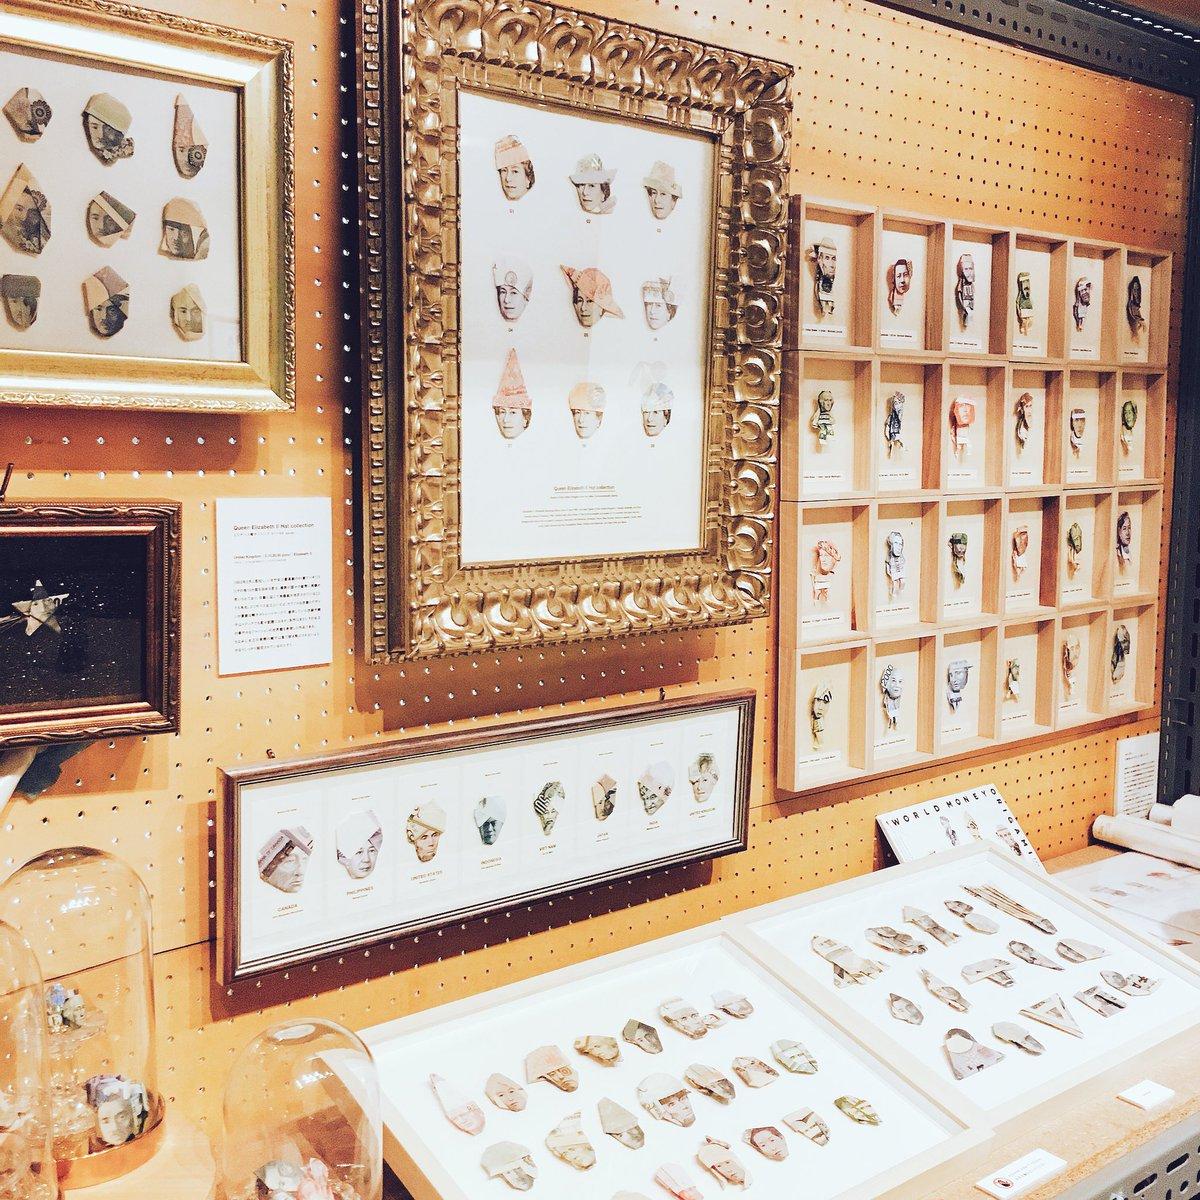 「世界のお札折り紙展 」の画像検索結果